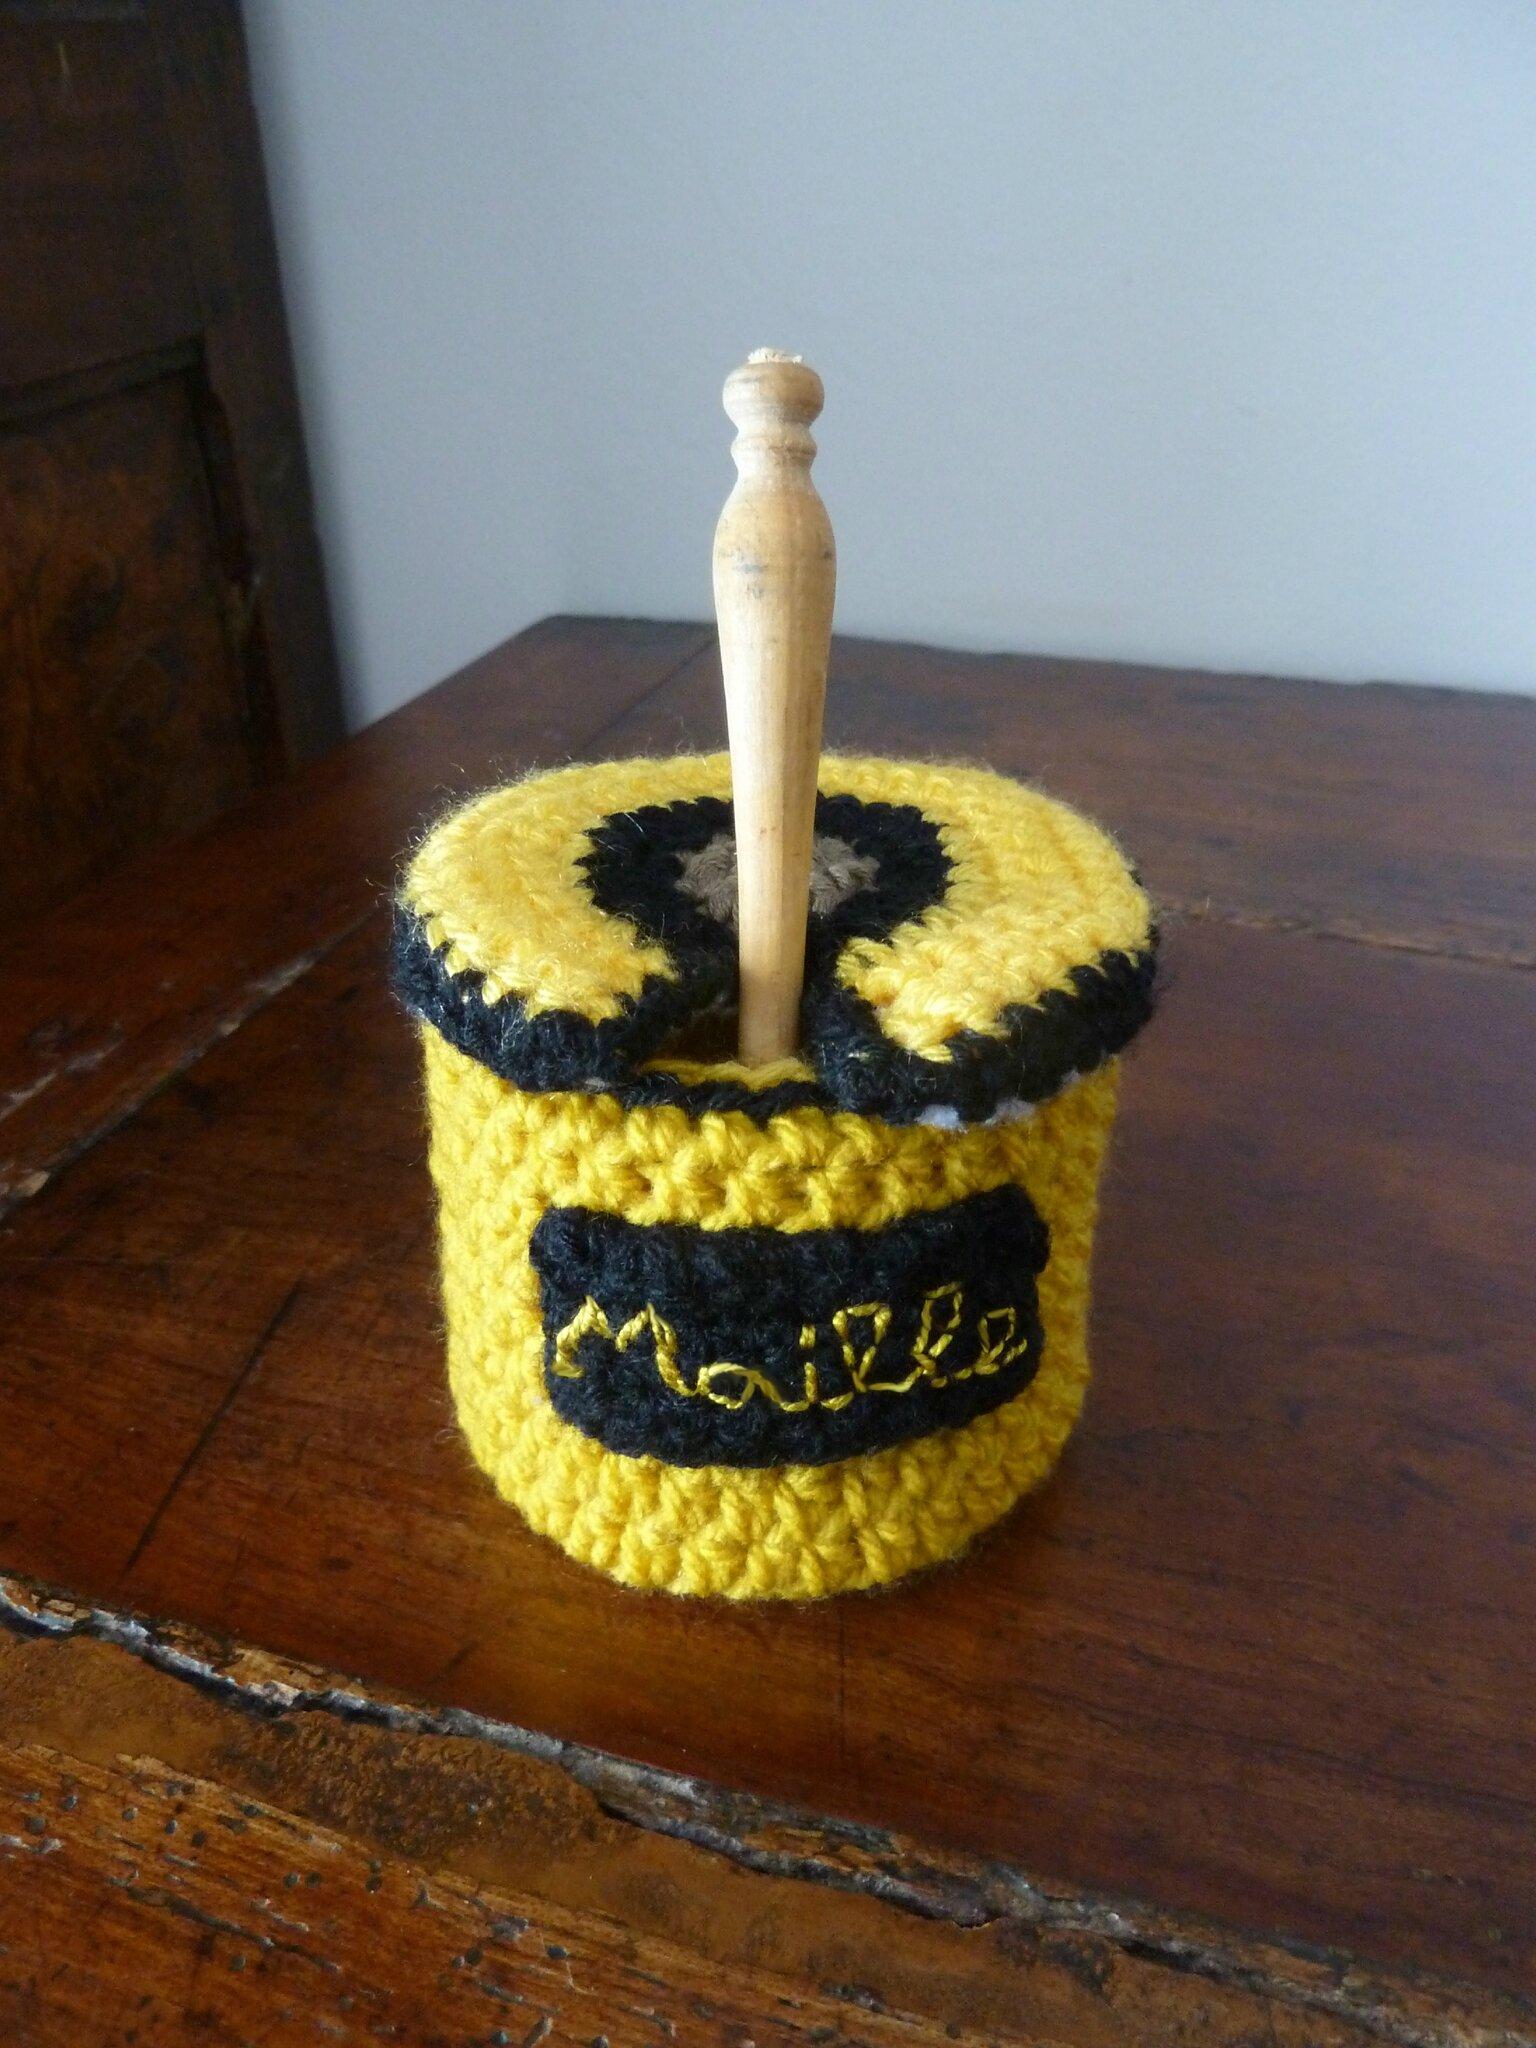 Serial crocheteuses : n° 216 comestible, jaune , grande gueule. Qui suis-je ? .....un pot de moutarde